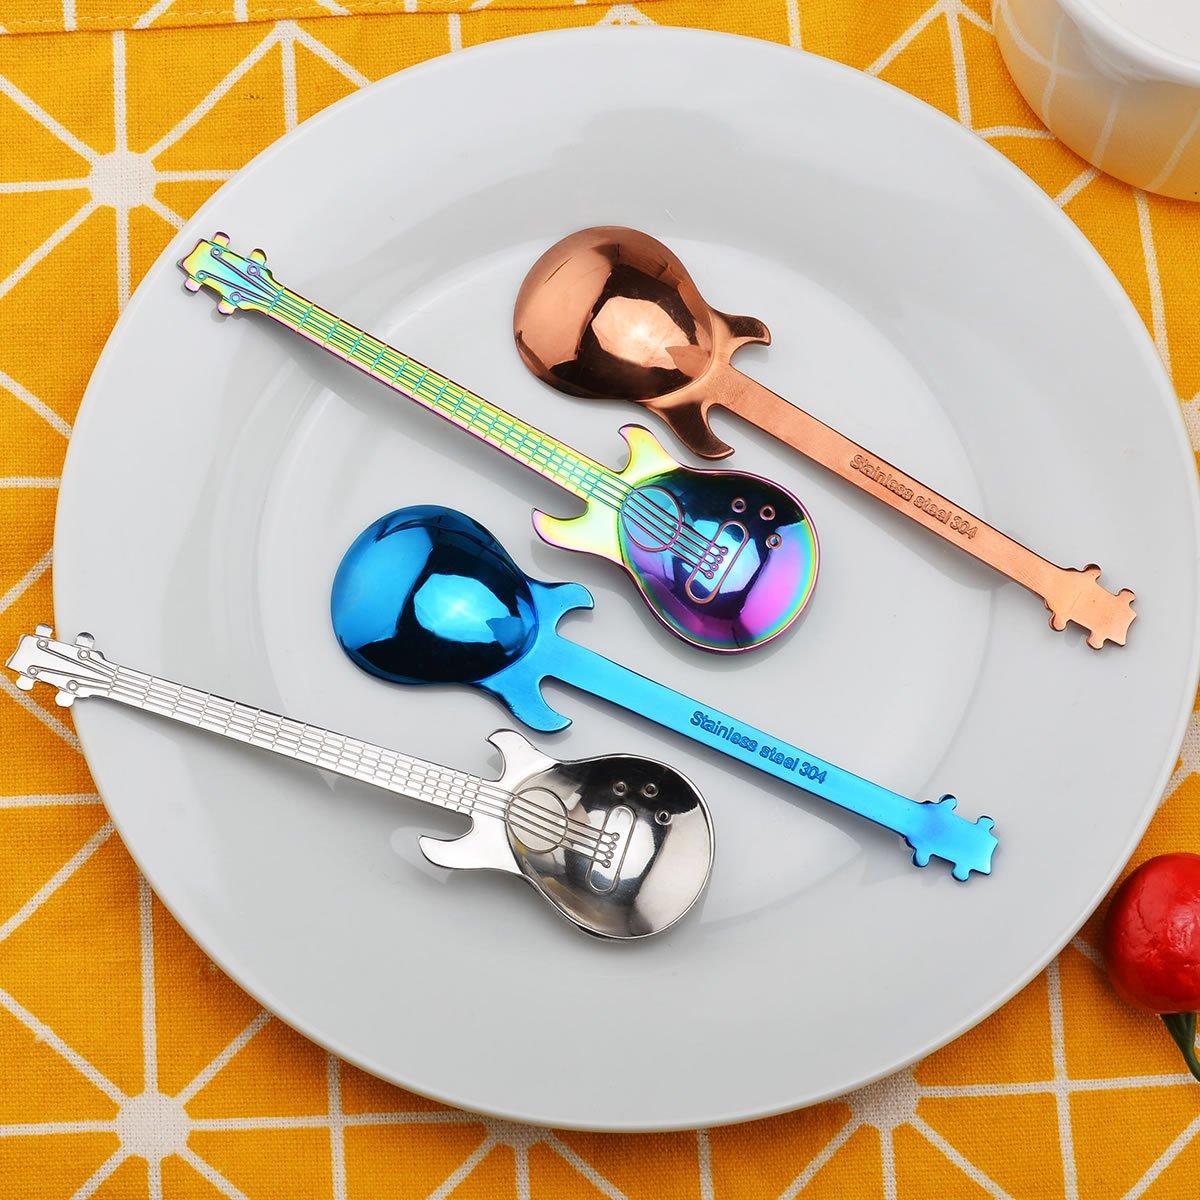 Oumosi Guitar Shaped Stainless steel Coffee Spoon Demitasse spoons dessert spoons Sugar Spoon Kitchen Cute Utensil Pack of 4